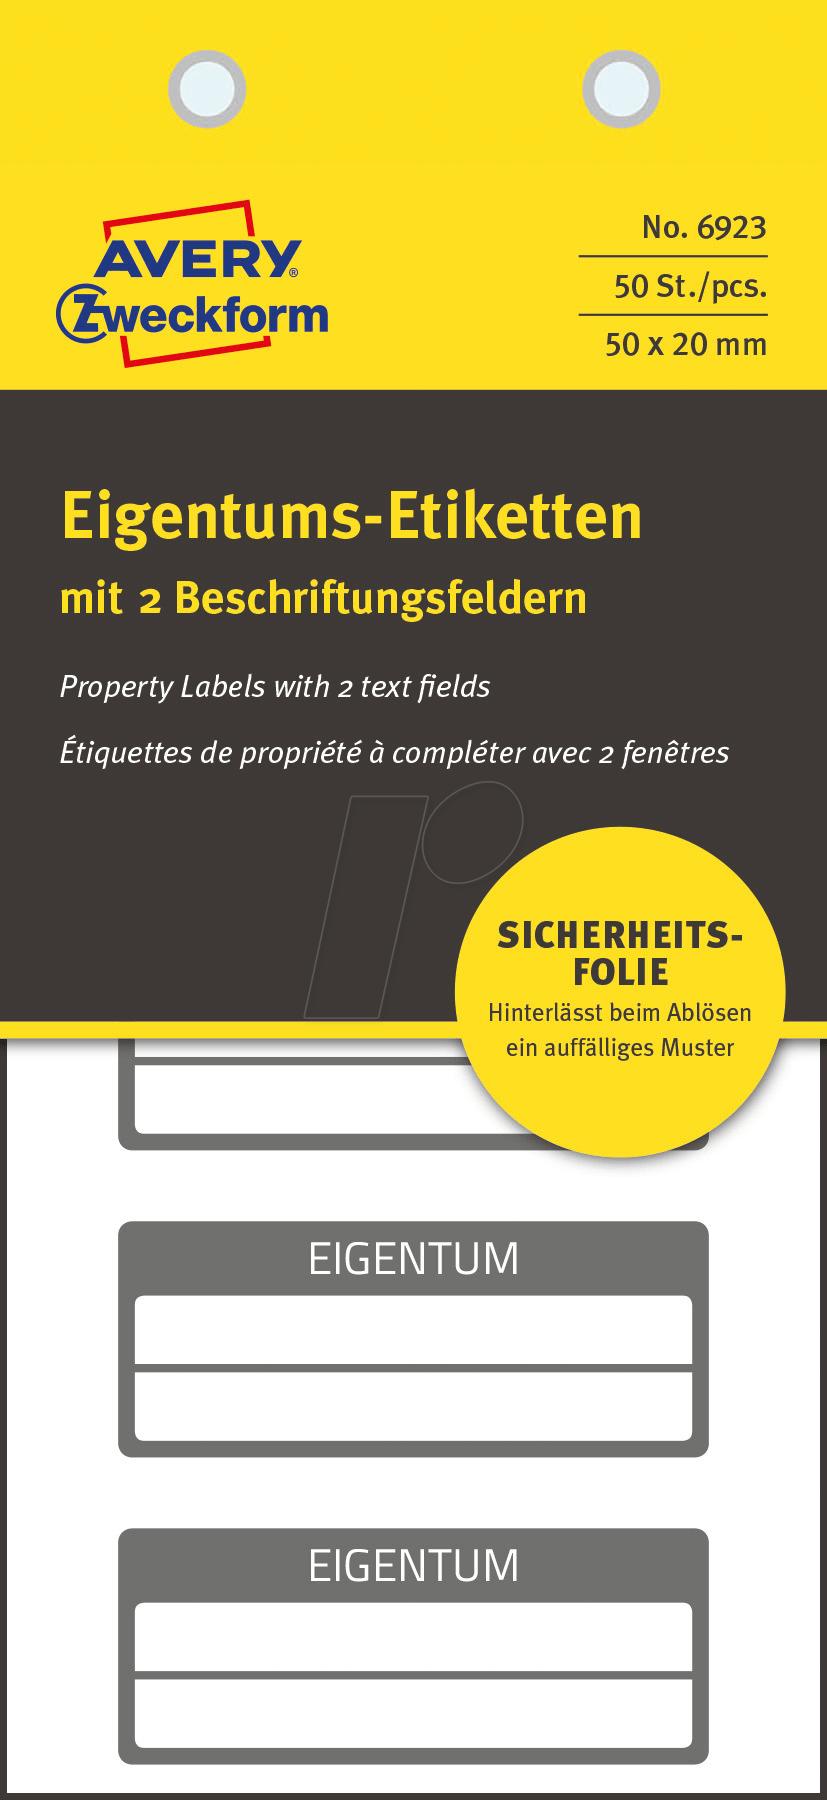 https://cdn-reichelt.de/bilder/web/xxl_ws/E460/AVZ_6923_01.png